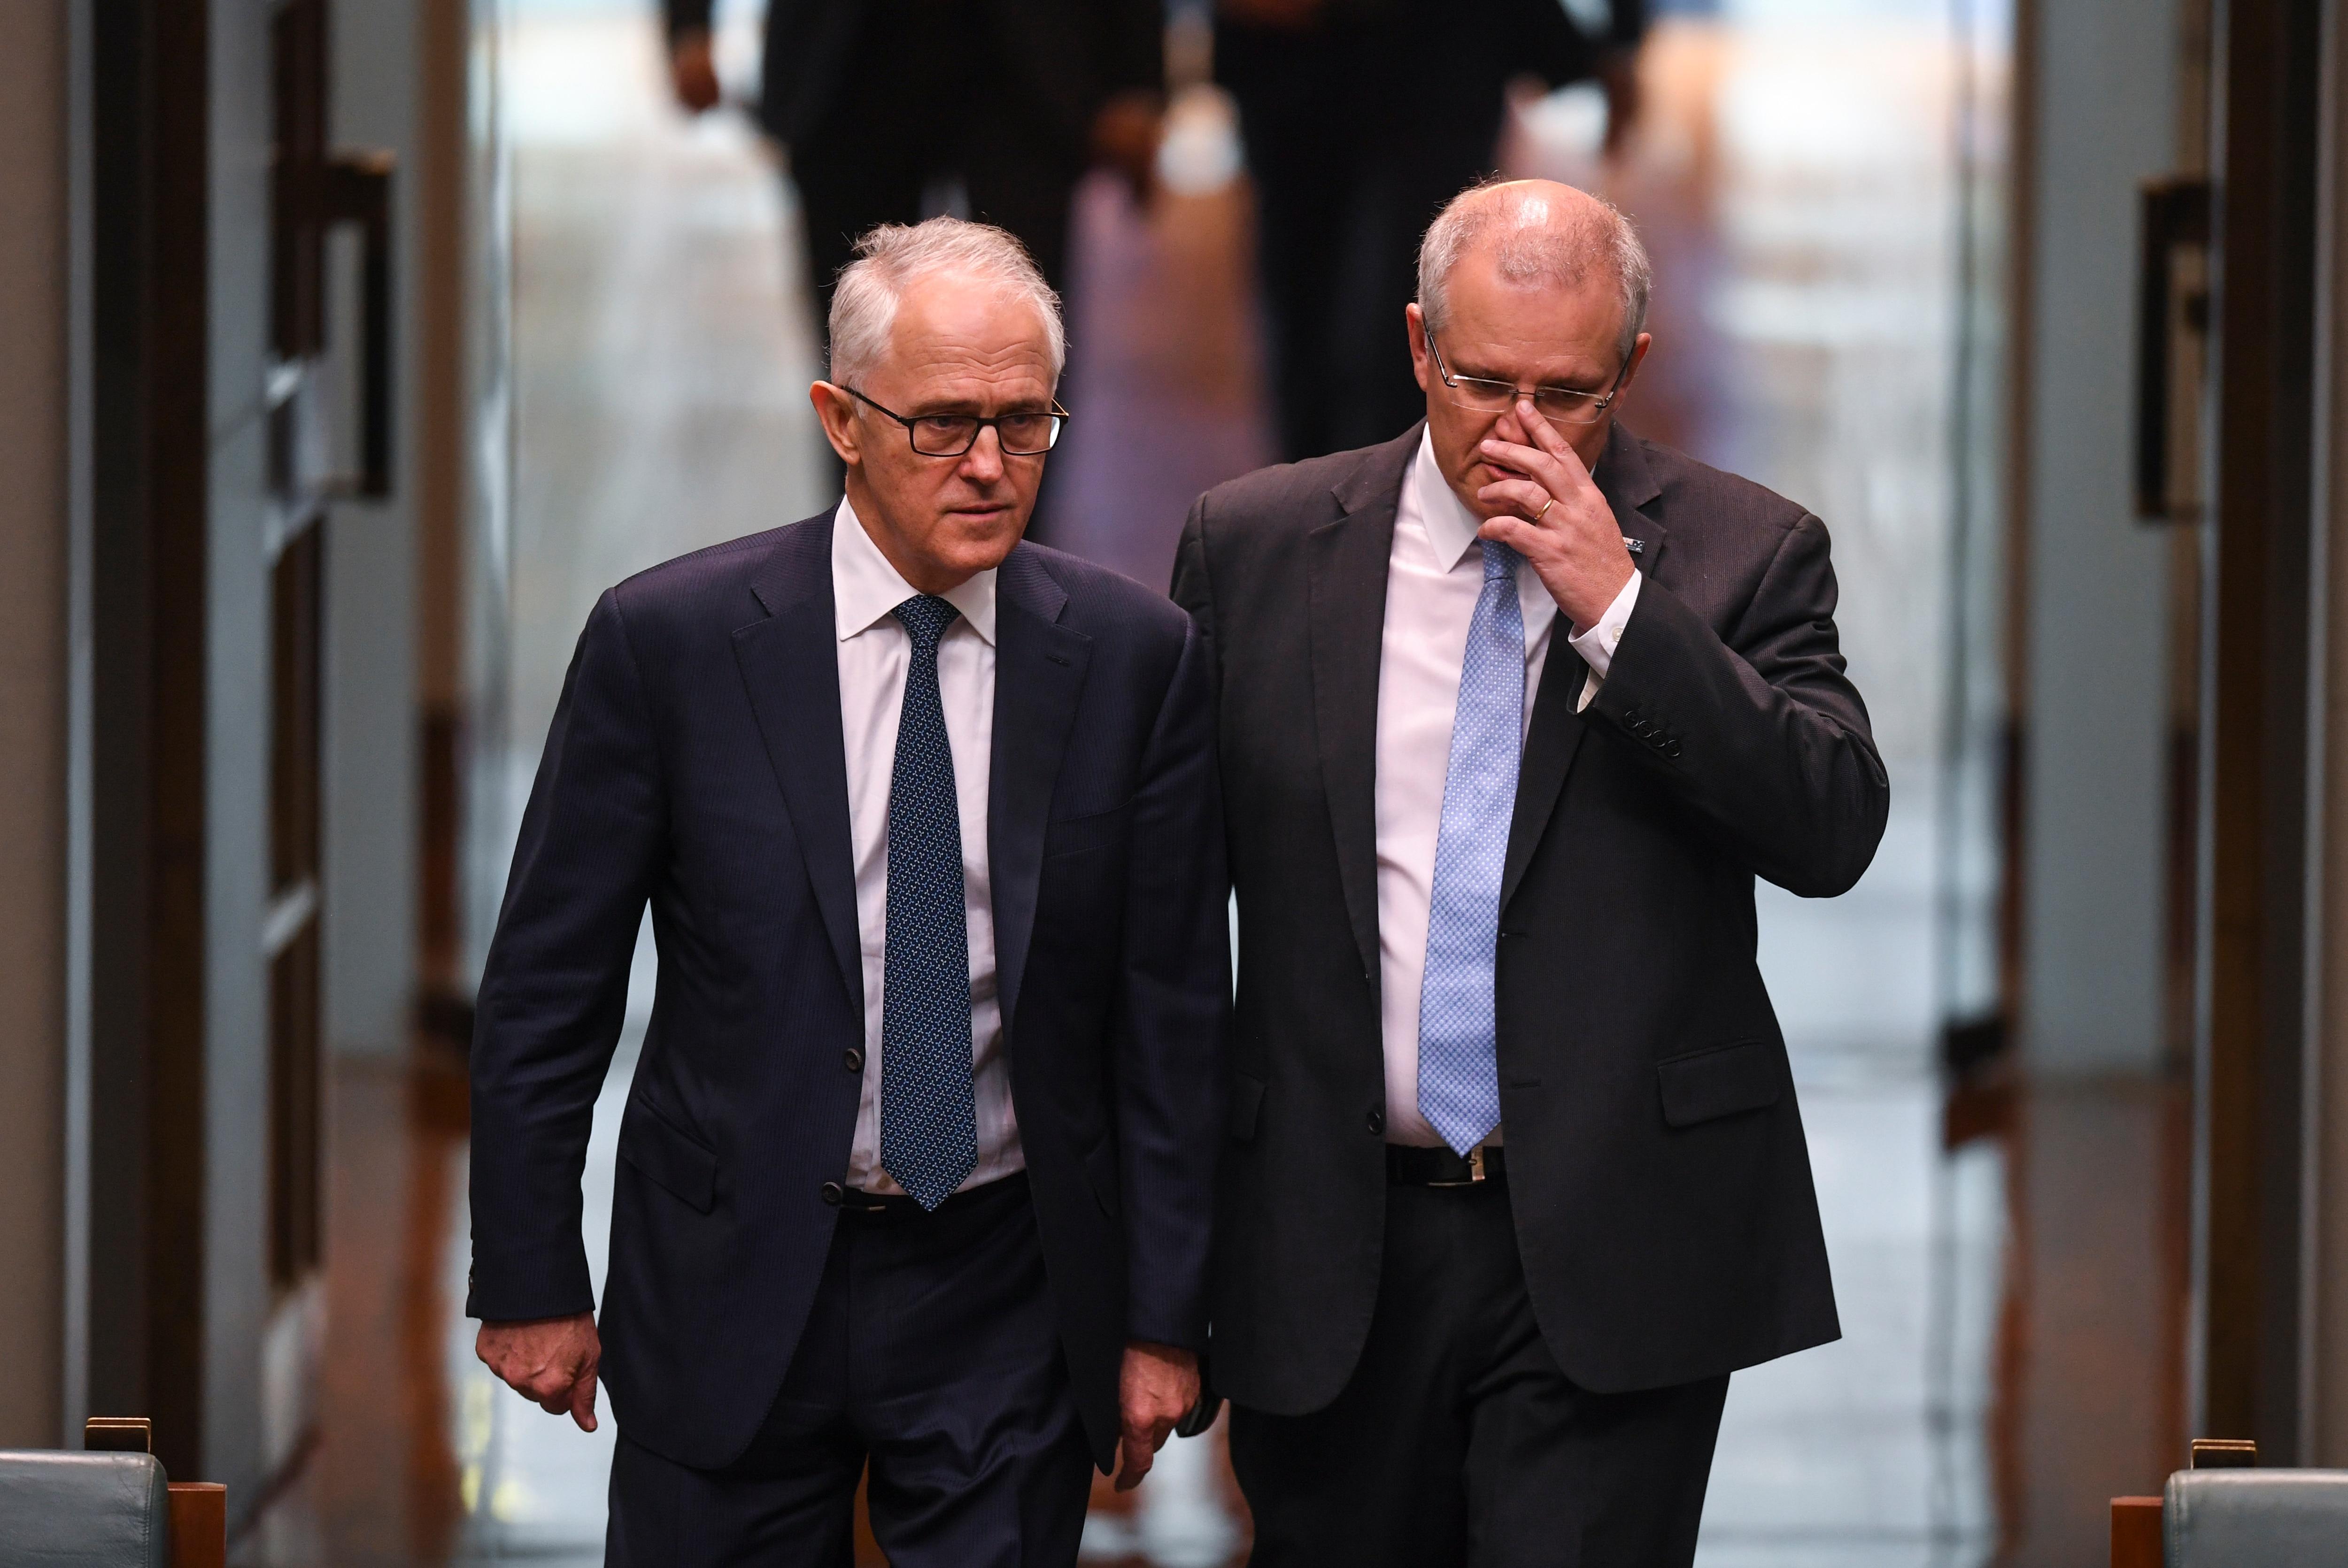 Then-Australian Prime Minister Malcolm Turnbull (left) and then-Australian Treasurer Scott Morrison in 2018, before Mr Turnbull was rolled.